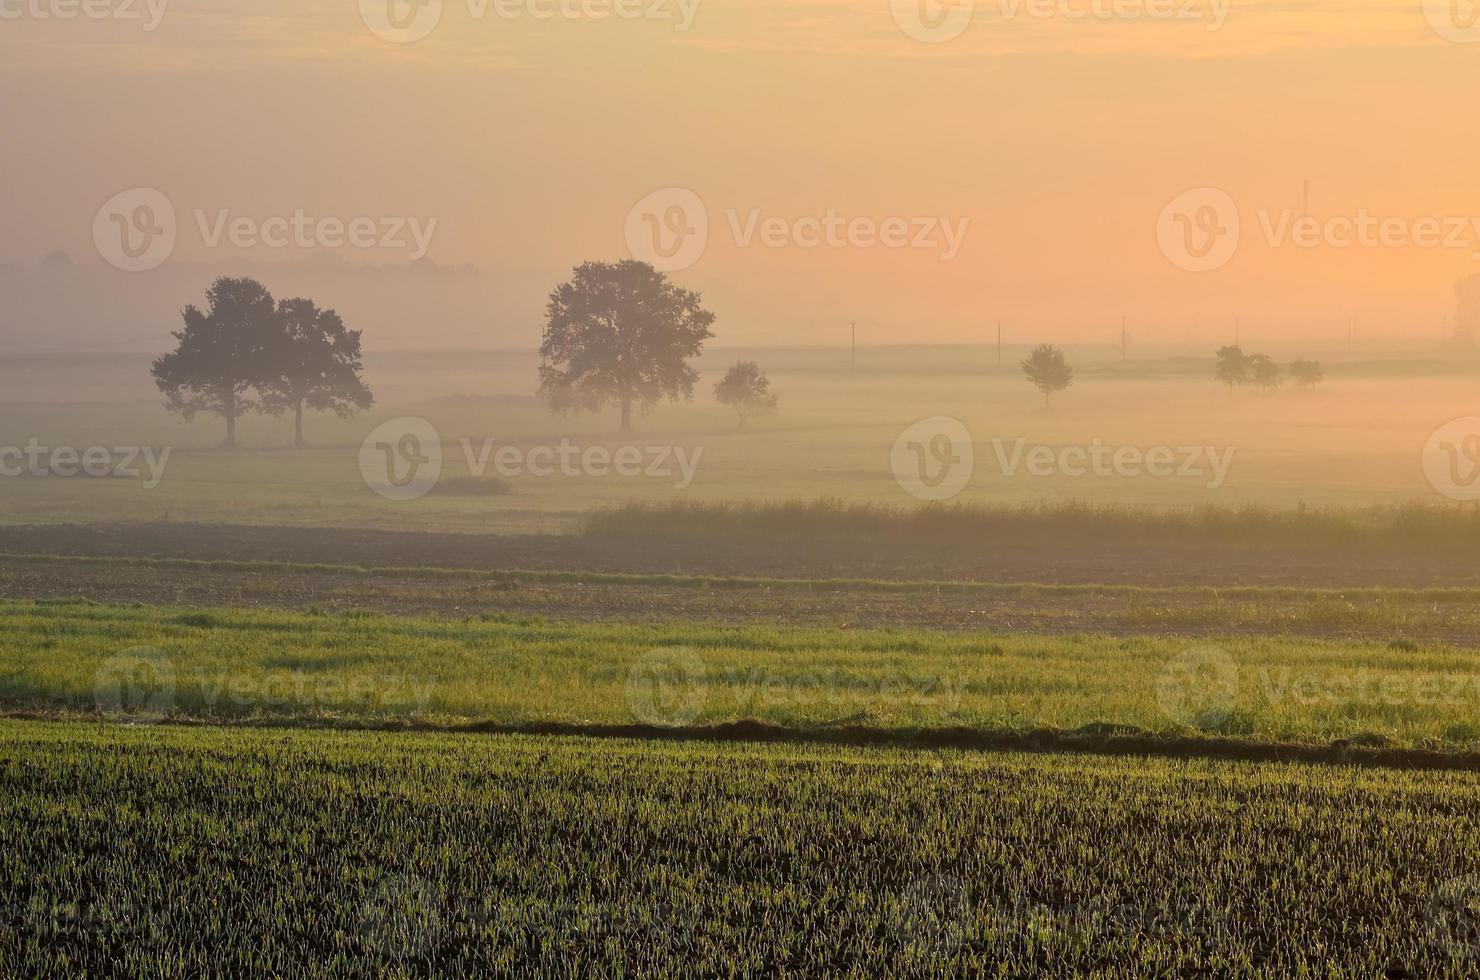 paesaggio di campagna al mattino presto. foto